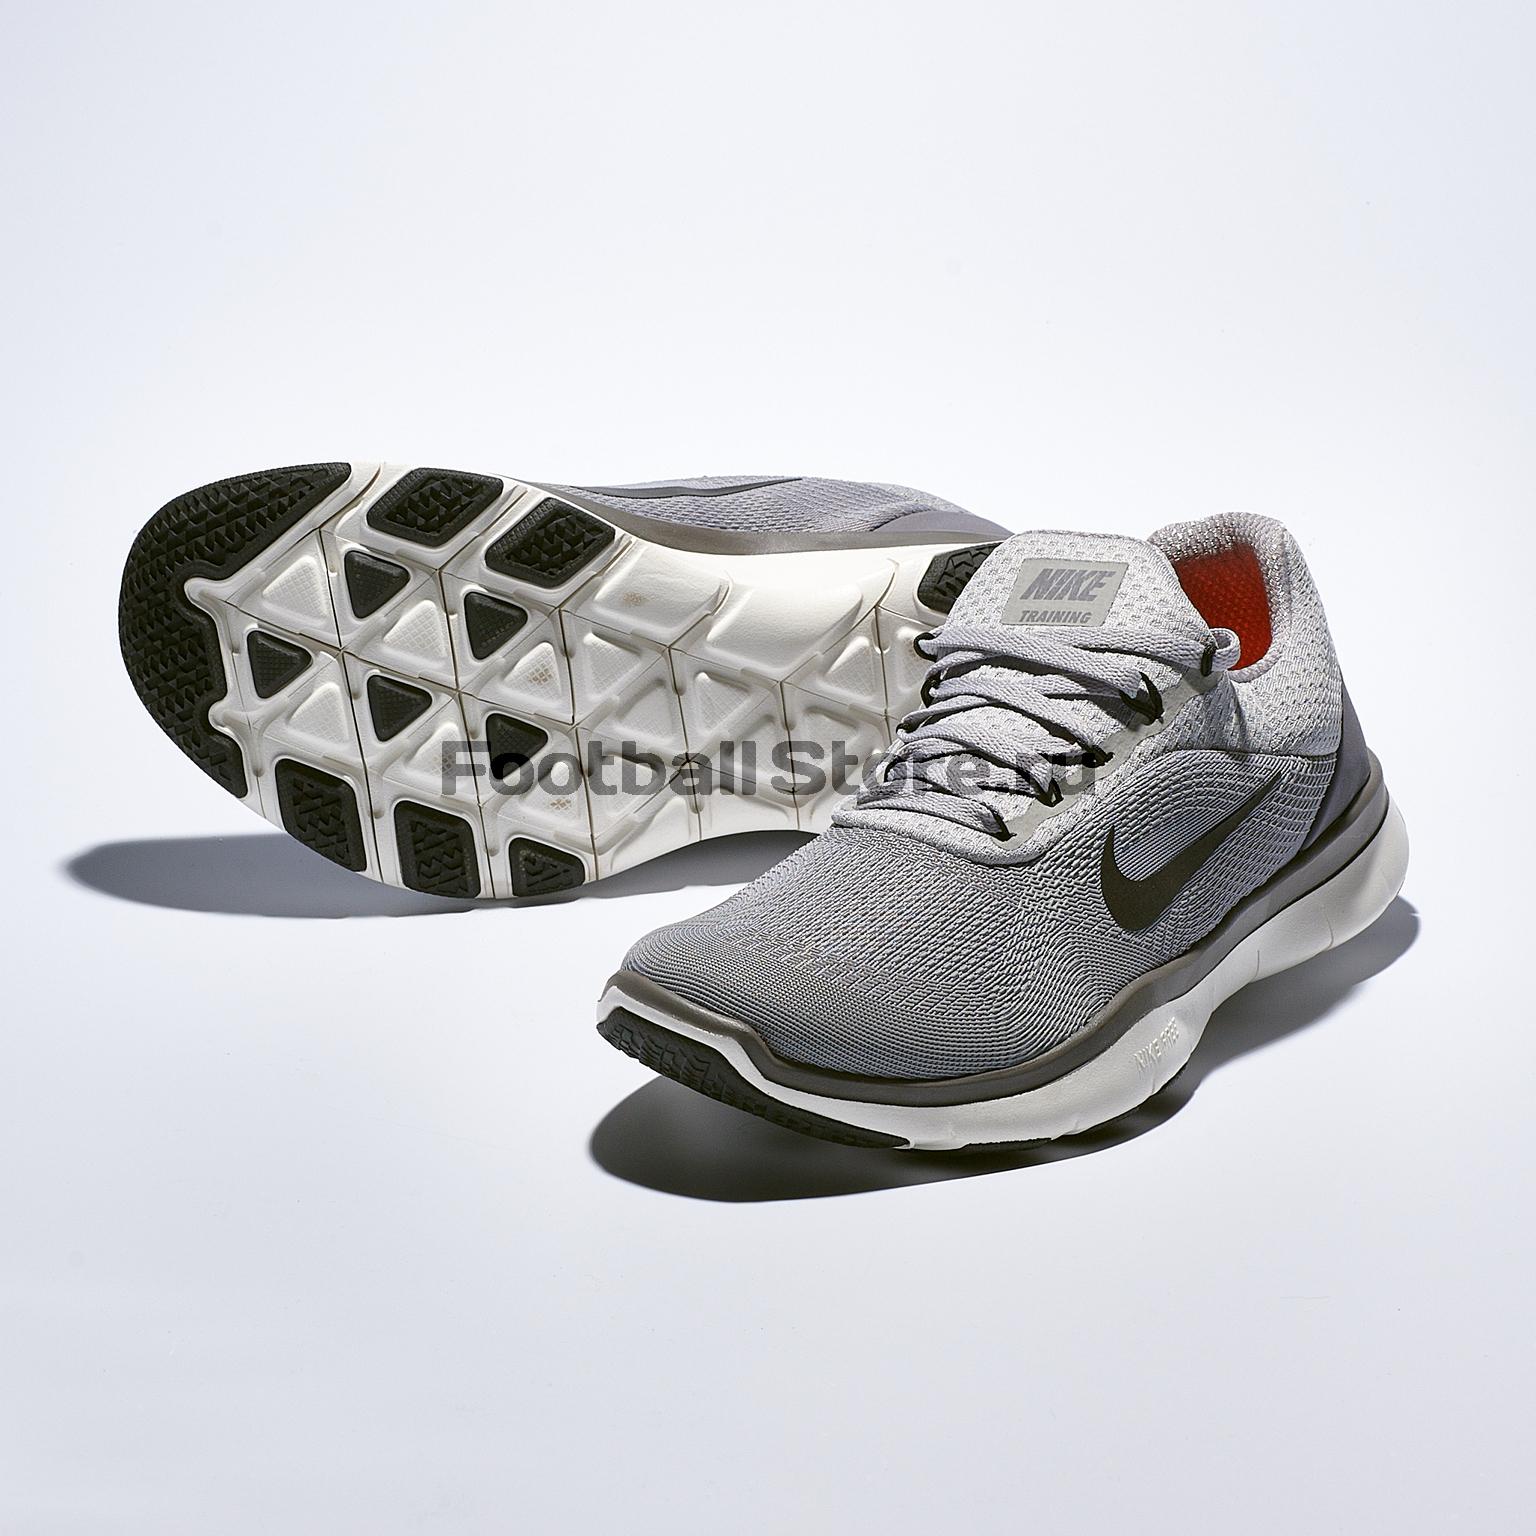 Кроссовки Nike Free Trainer V7 898053-010 мультиварка marta mt 1937 черный сталь 900 вт 5 л